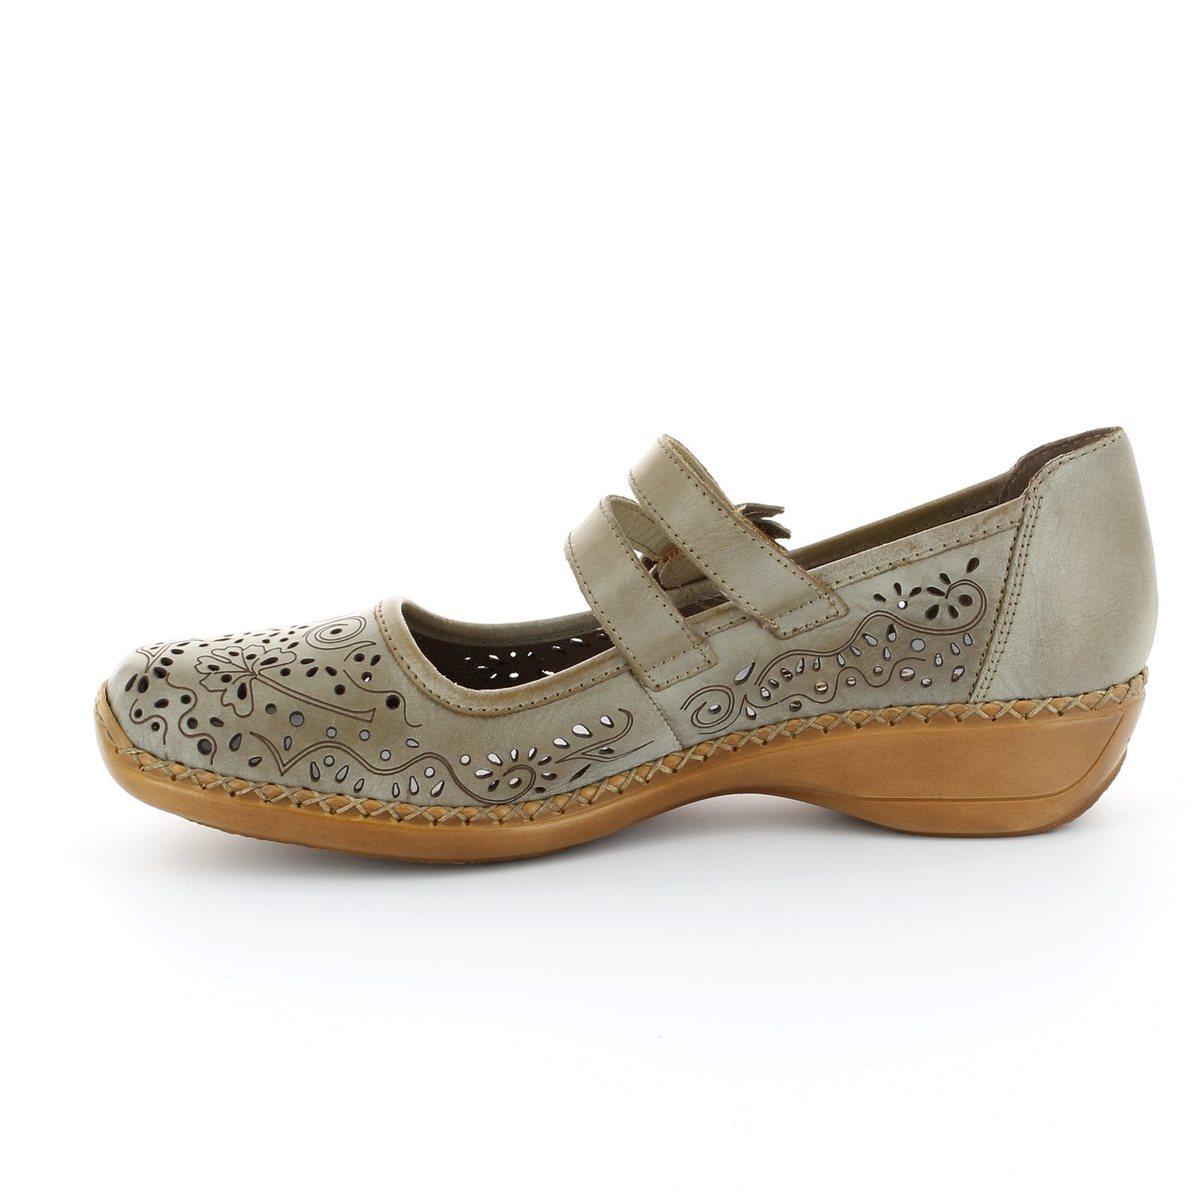 rieker 41372 63 beige lacing shoes. Black Bedroom Furniture Sets. Home Design Ideas